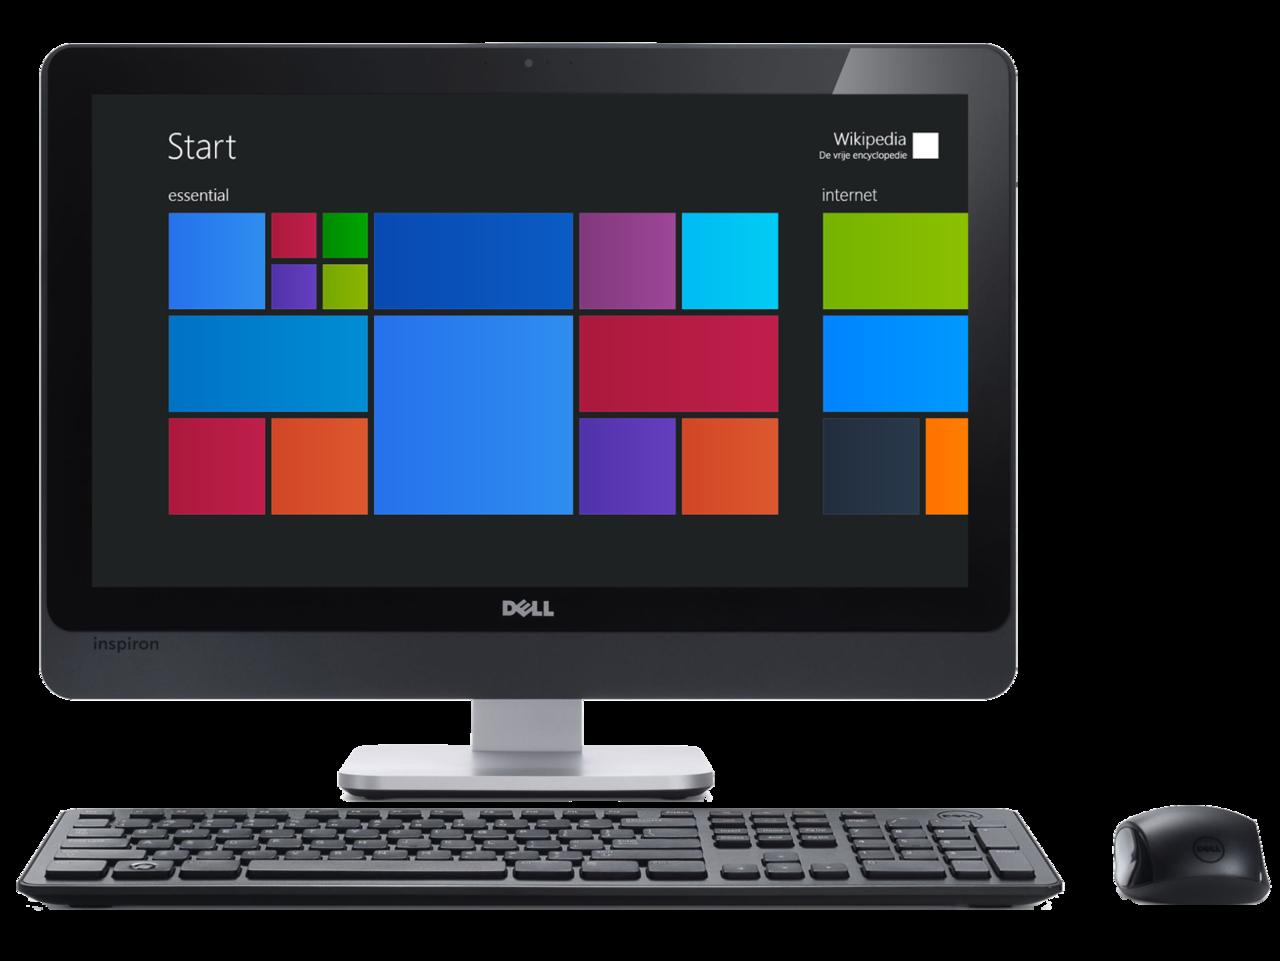 Archivo:Dell Inspiron One 23 Touch AIO Desktop PC.png - Wikipedia, la enciclopedia libre